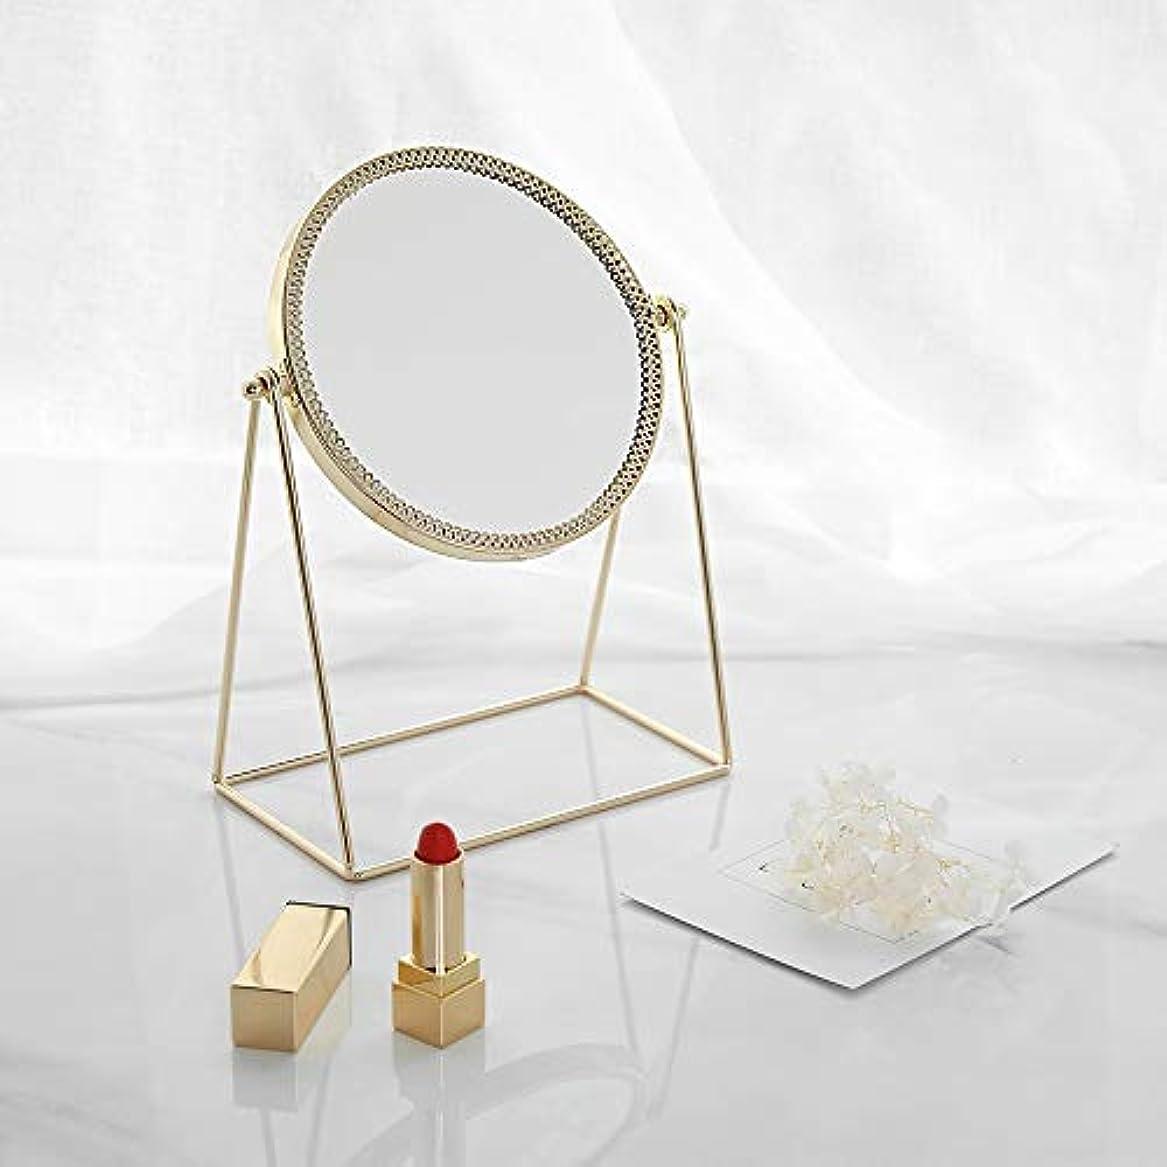 あらゆる種類のエーカー寝室流行の 現代の創造性ゴールドラウンドアイアンフレーム+ミラーデスクトップミラー/化粧鏡